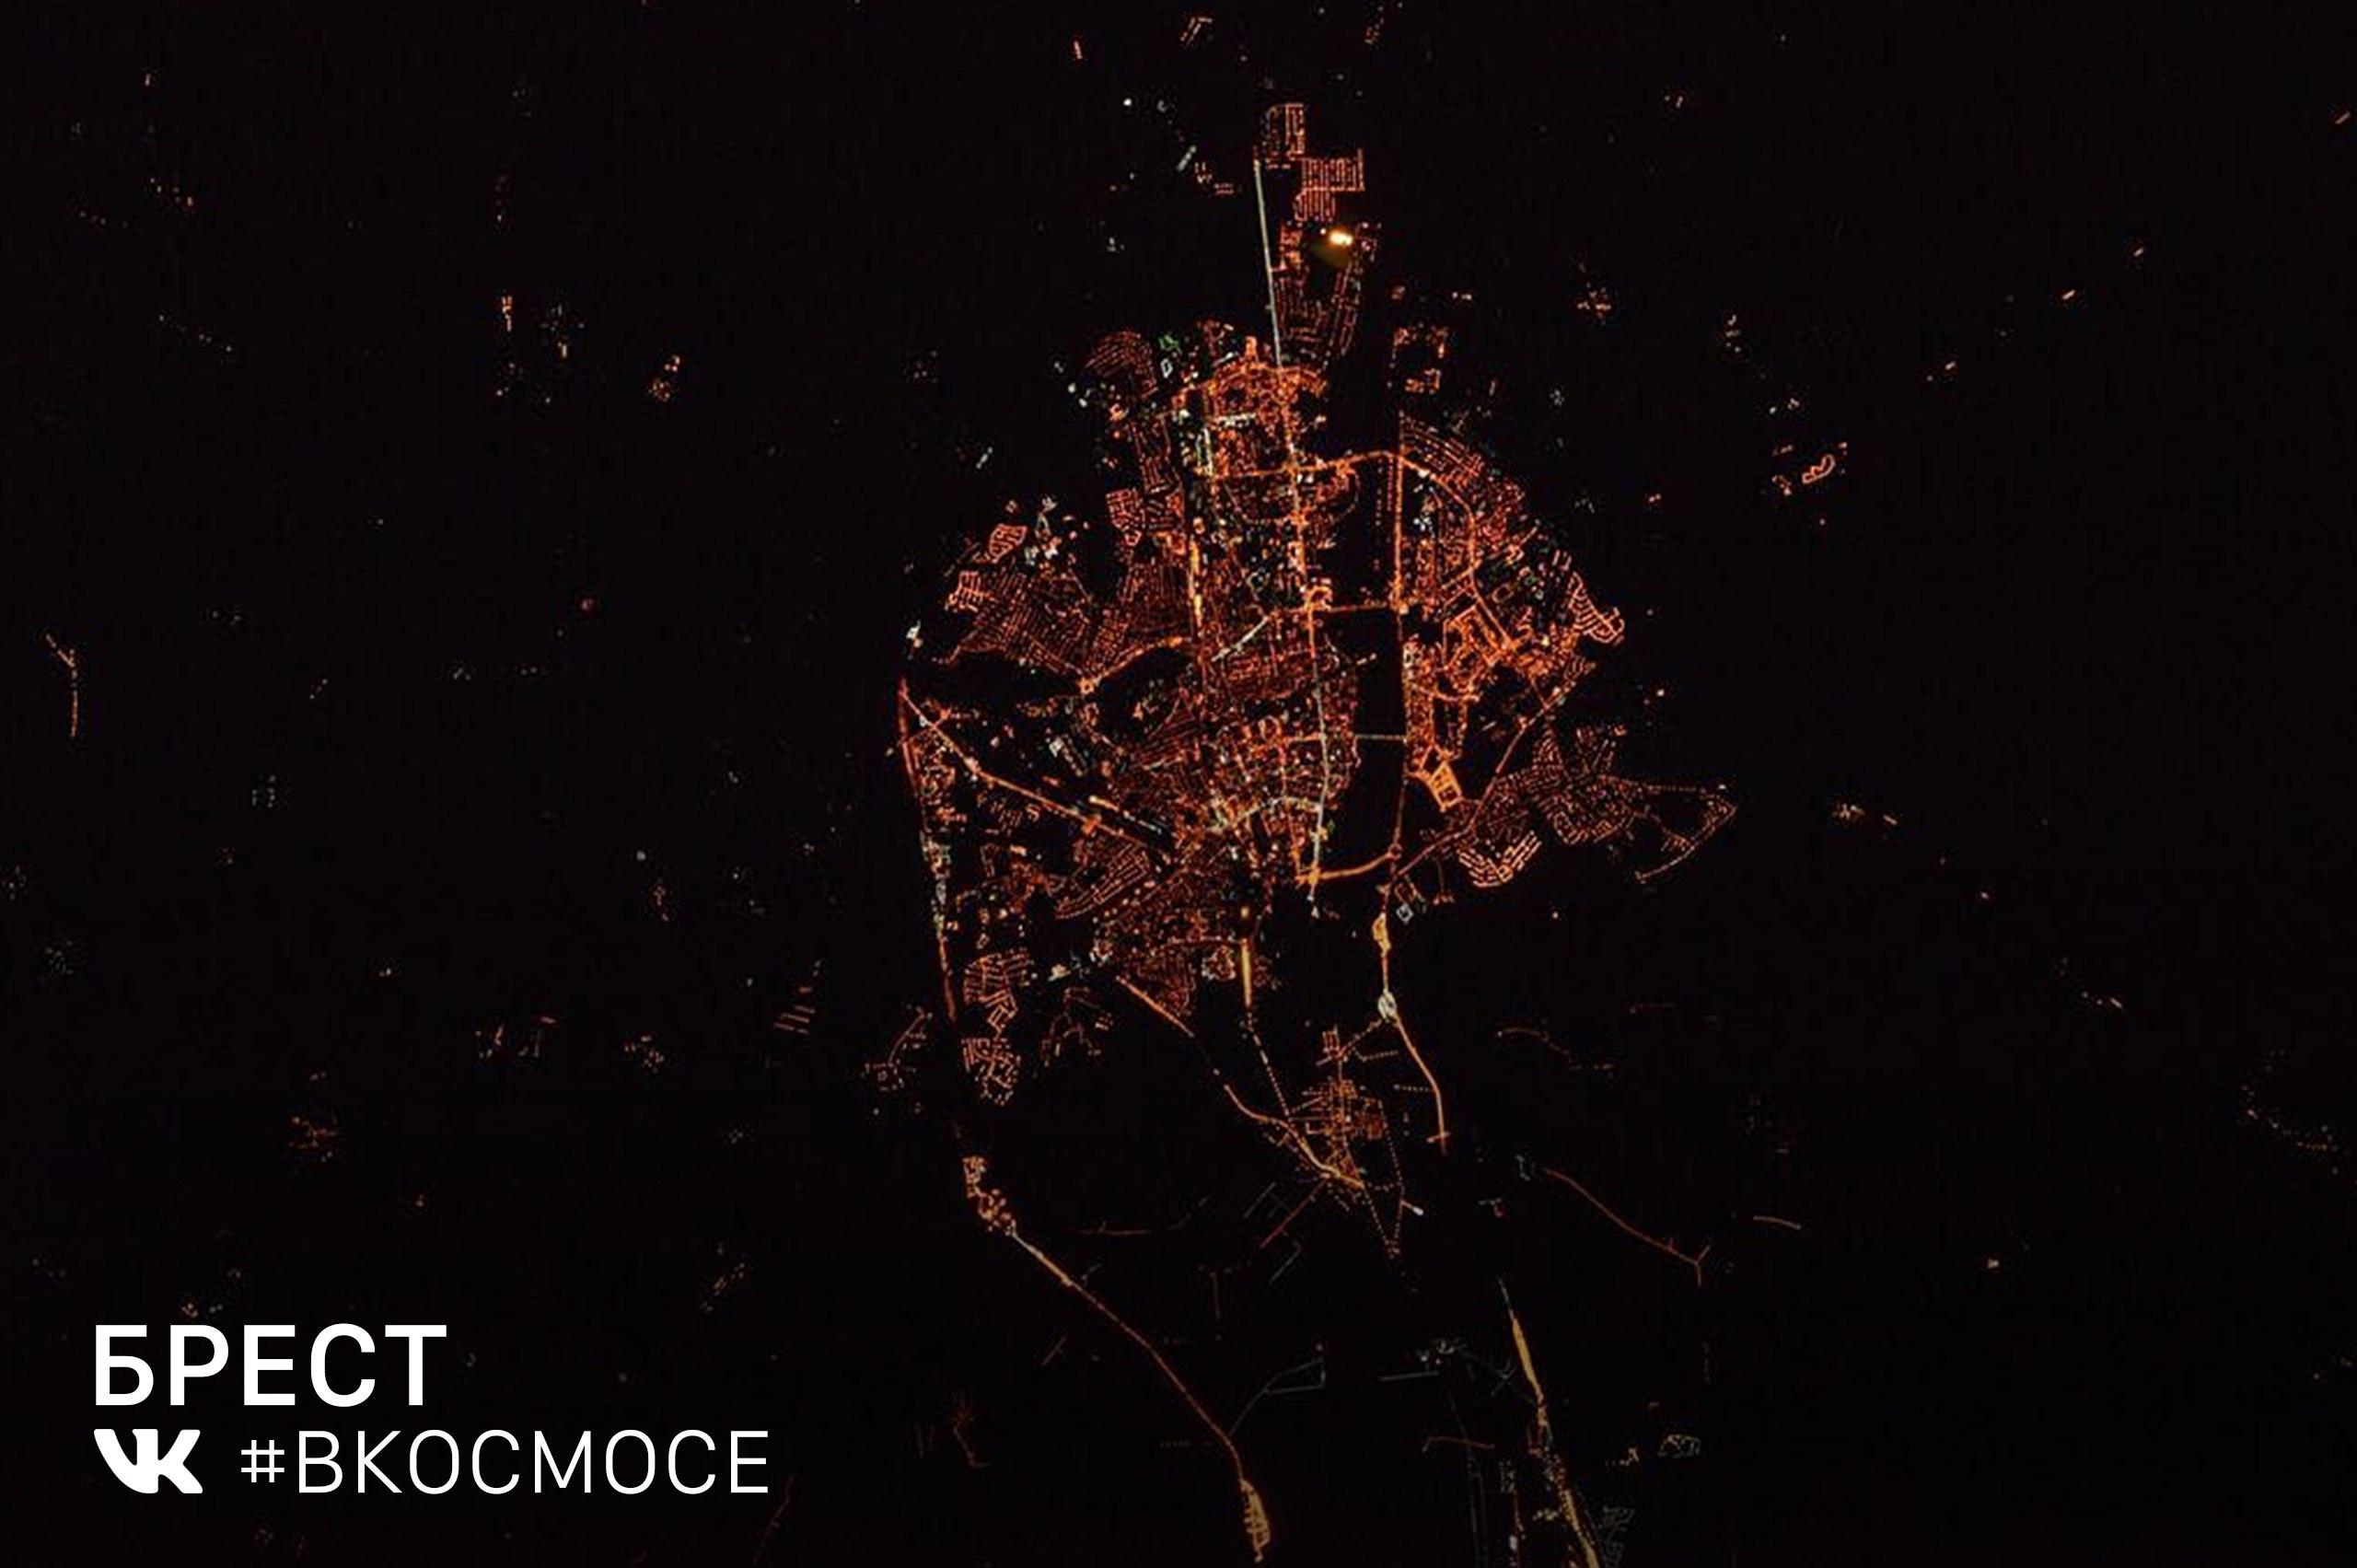 Фото: космонавт Олег Новицкий / Роскосмос